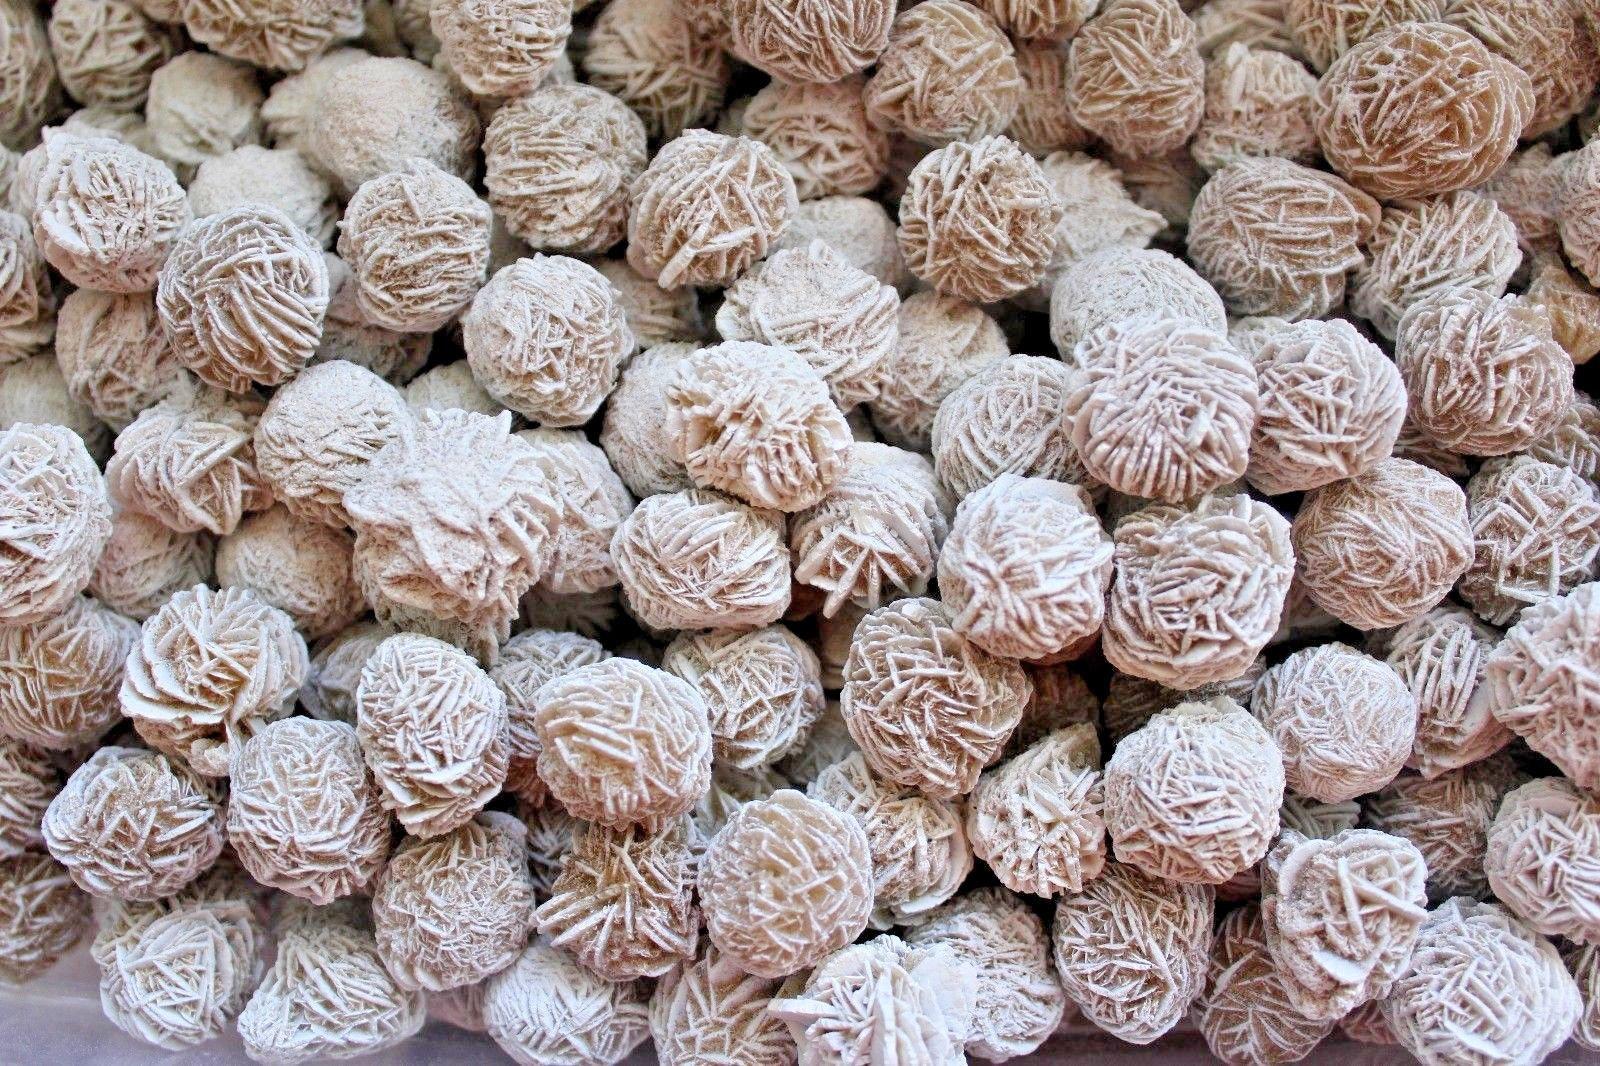 Wholesale Bulk 1 lb Desert Rose Selenite Stones Crystal Healing Love Stone